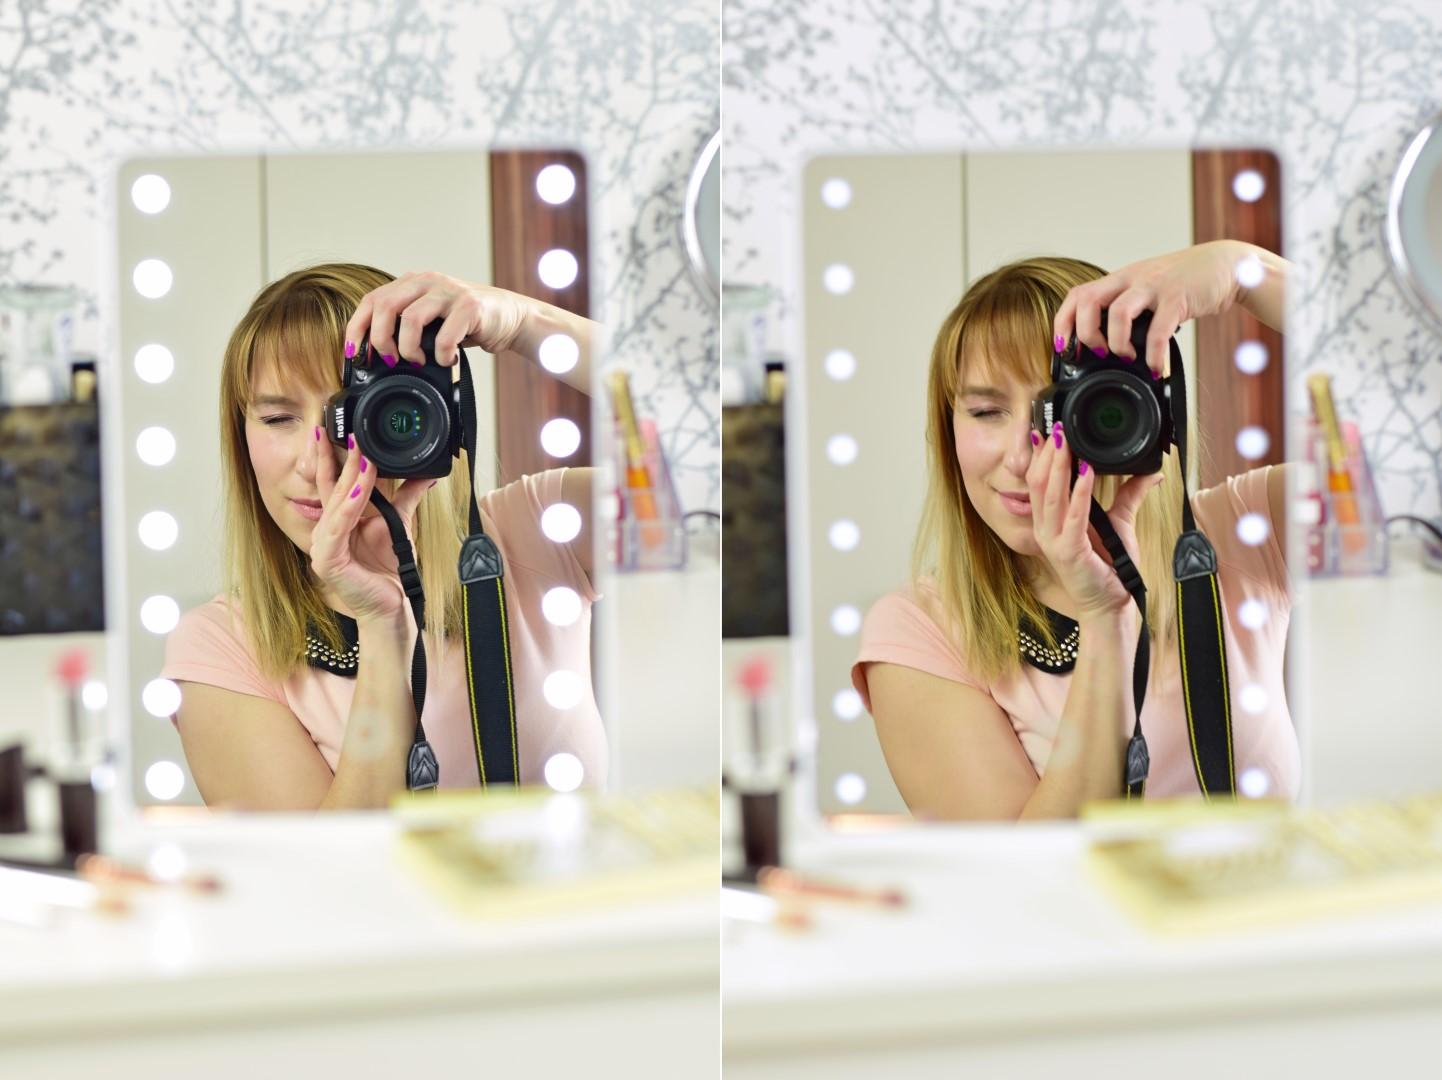 podświetlane_lusterko_do_makijażu_z_chin_opinia_recenzja_blog_gdzie_kupić_podświetlane_lusterko